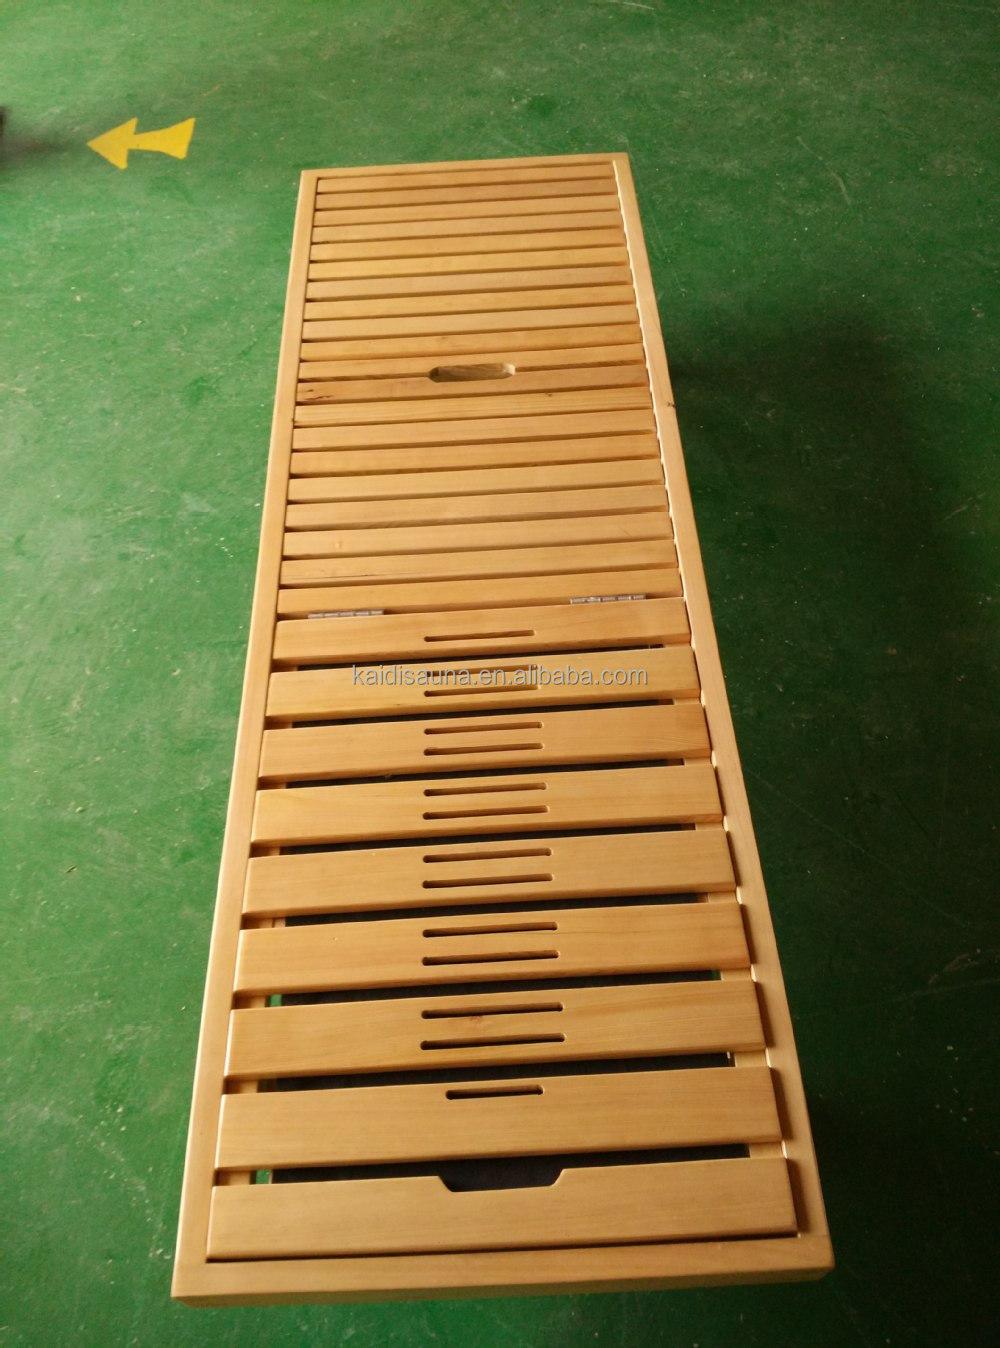 Nuovo Progettato Sauna In Legno Sedia Panca Con Kd s02